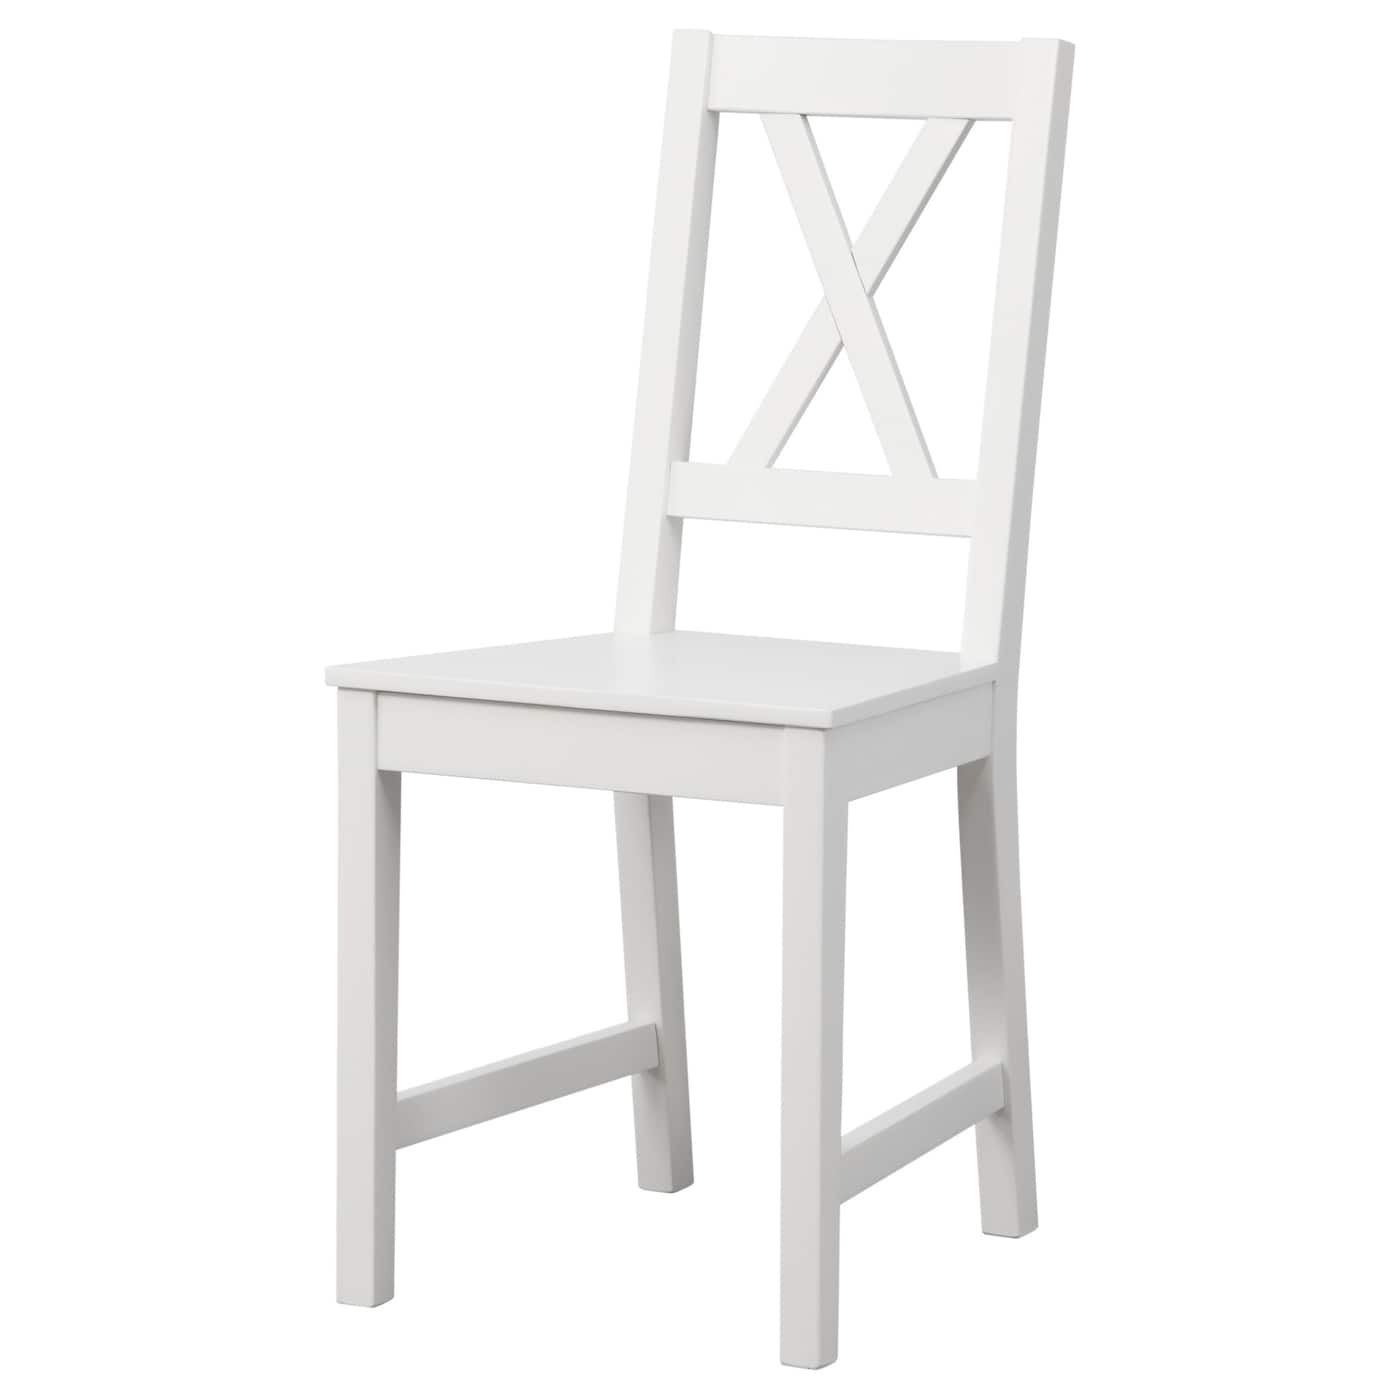 BASSALT Stuhl   weiß   IKEA Deutschland   Weiße stühle ...